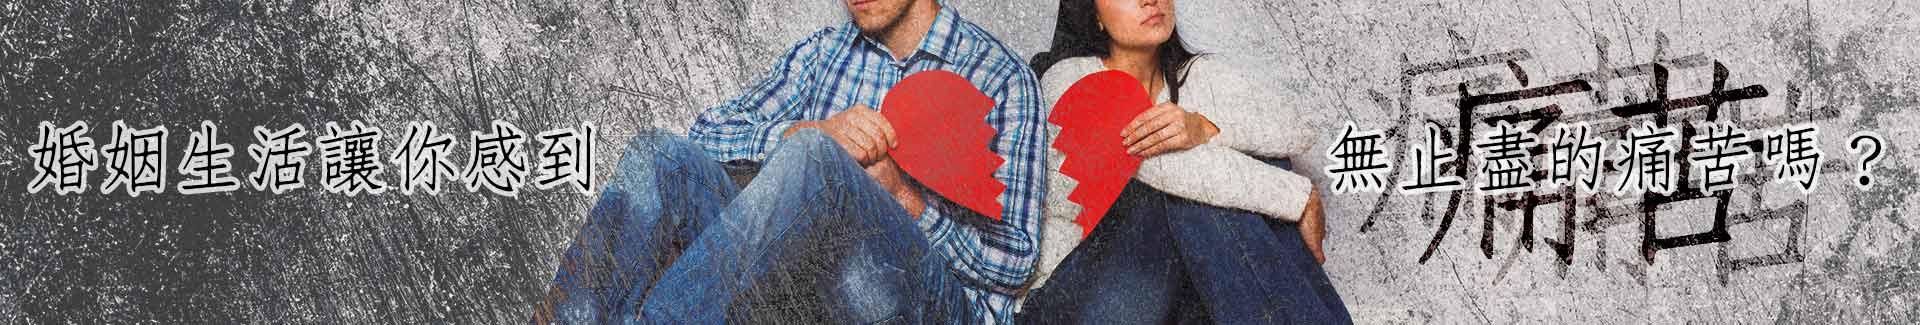 婚姻生活讓你感到無止盡的痛苦嗎?